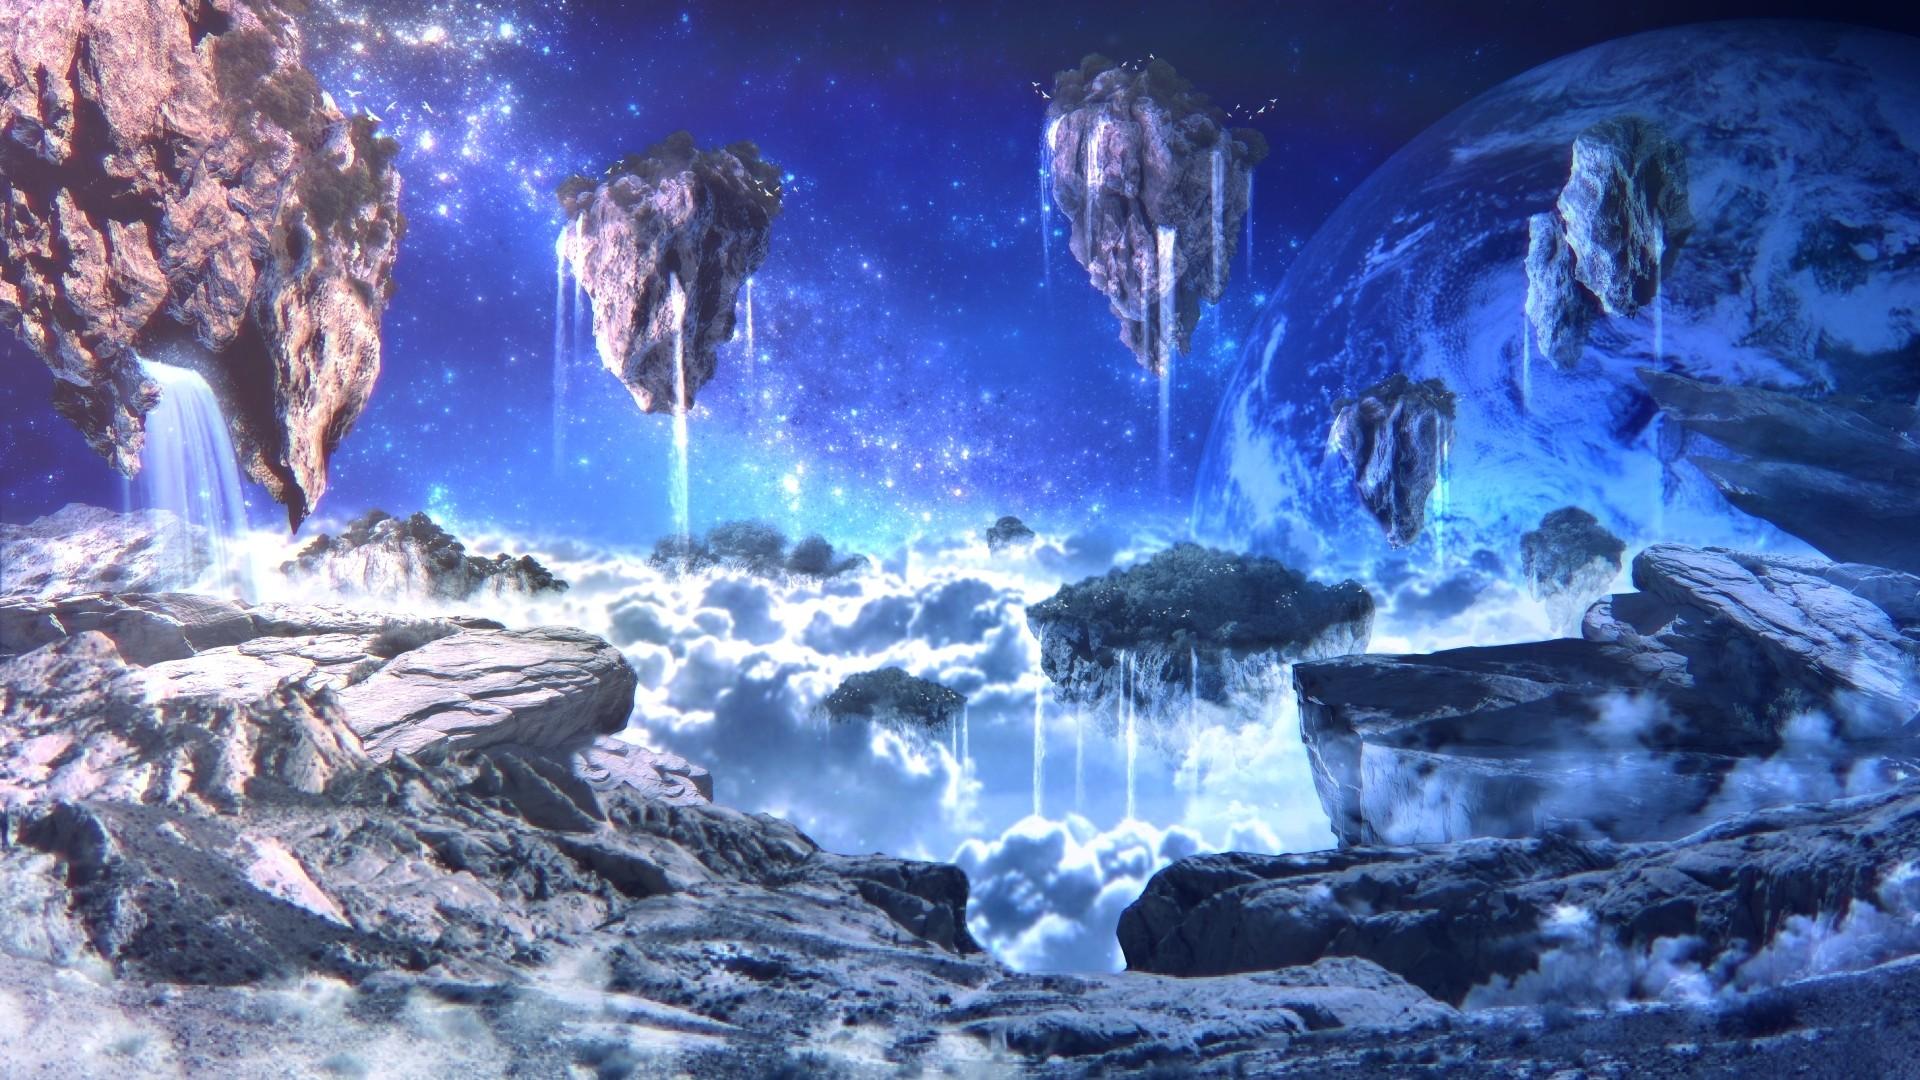 – sci-fi, landscape, floating islands, planet, rocks, waterfalls